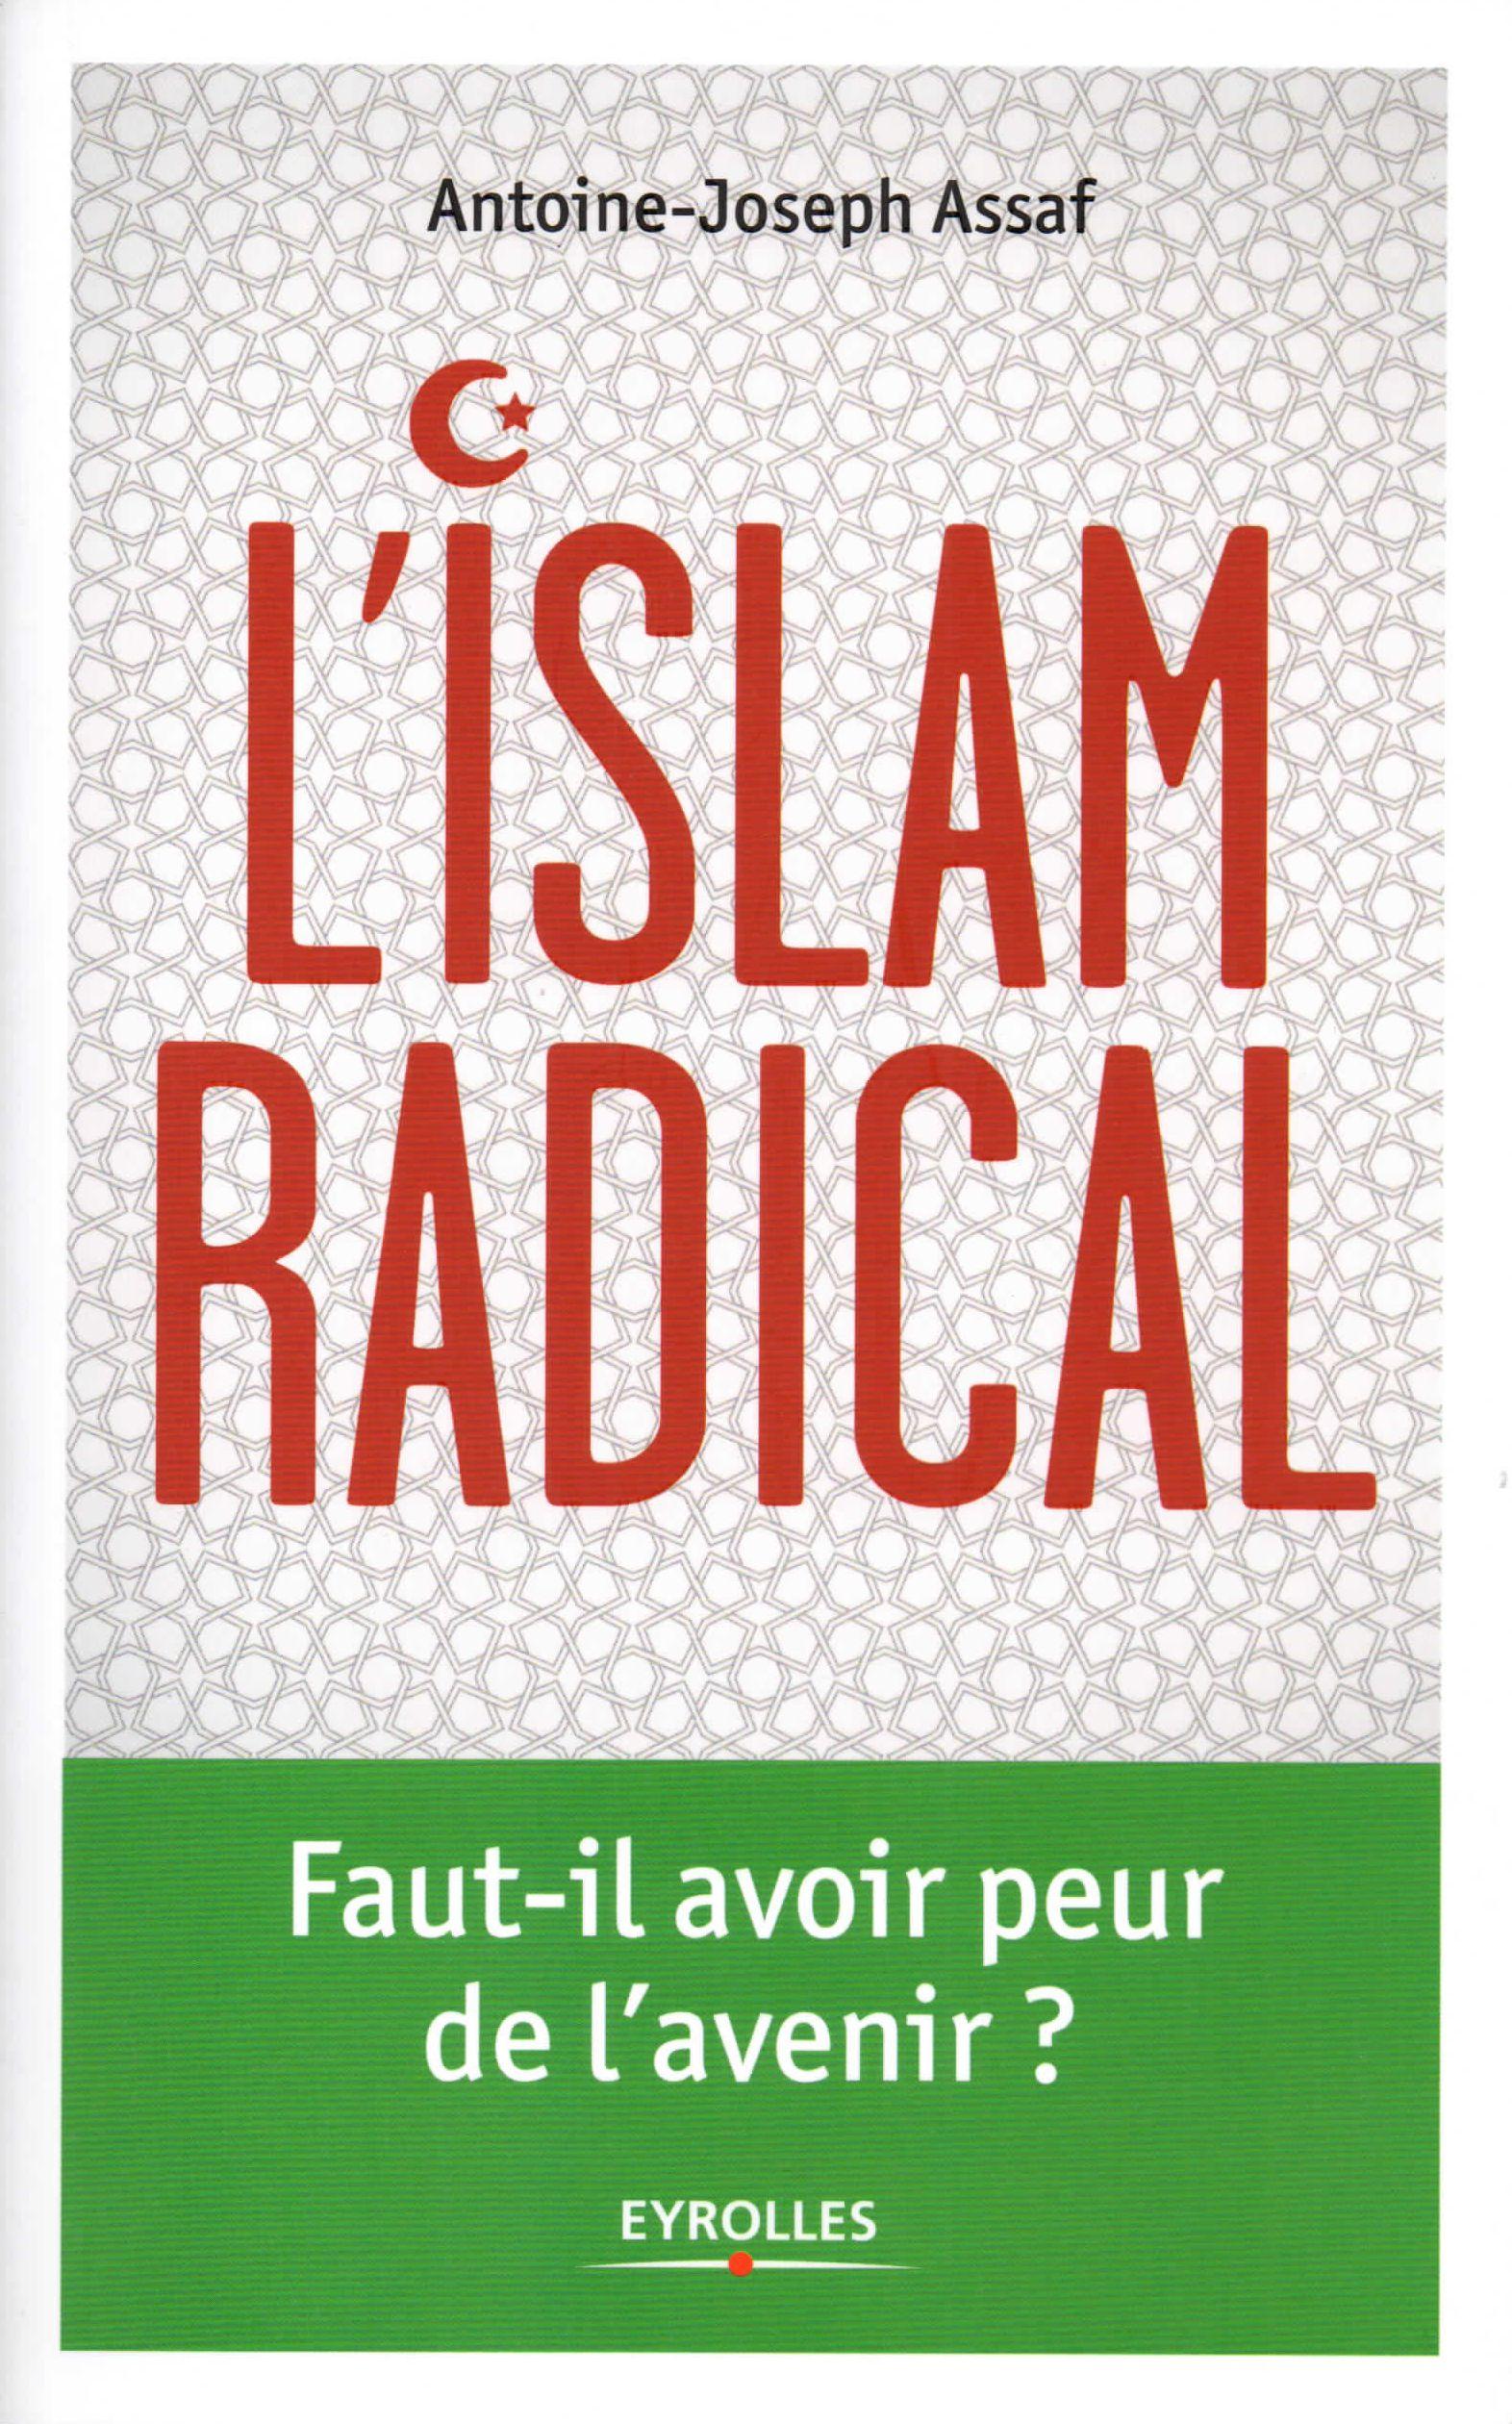 L'Islam radical. Faut-il avoir peur de l'avenir ? Couverture du livre